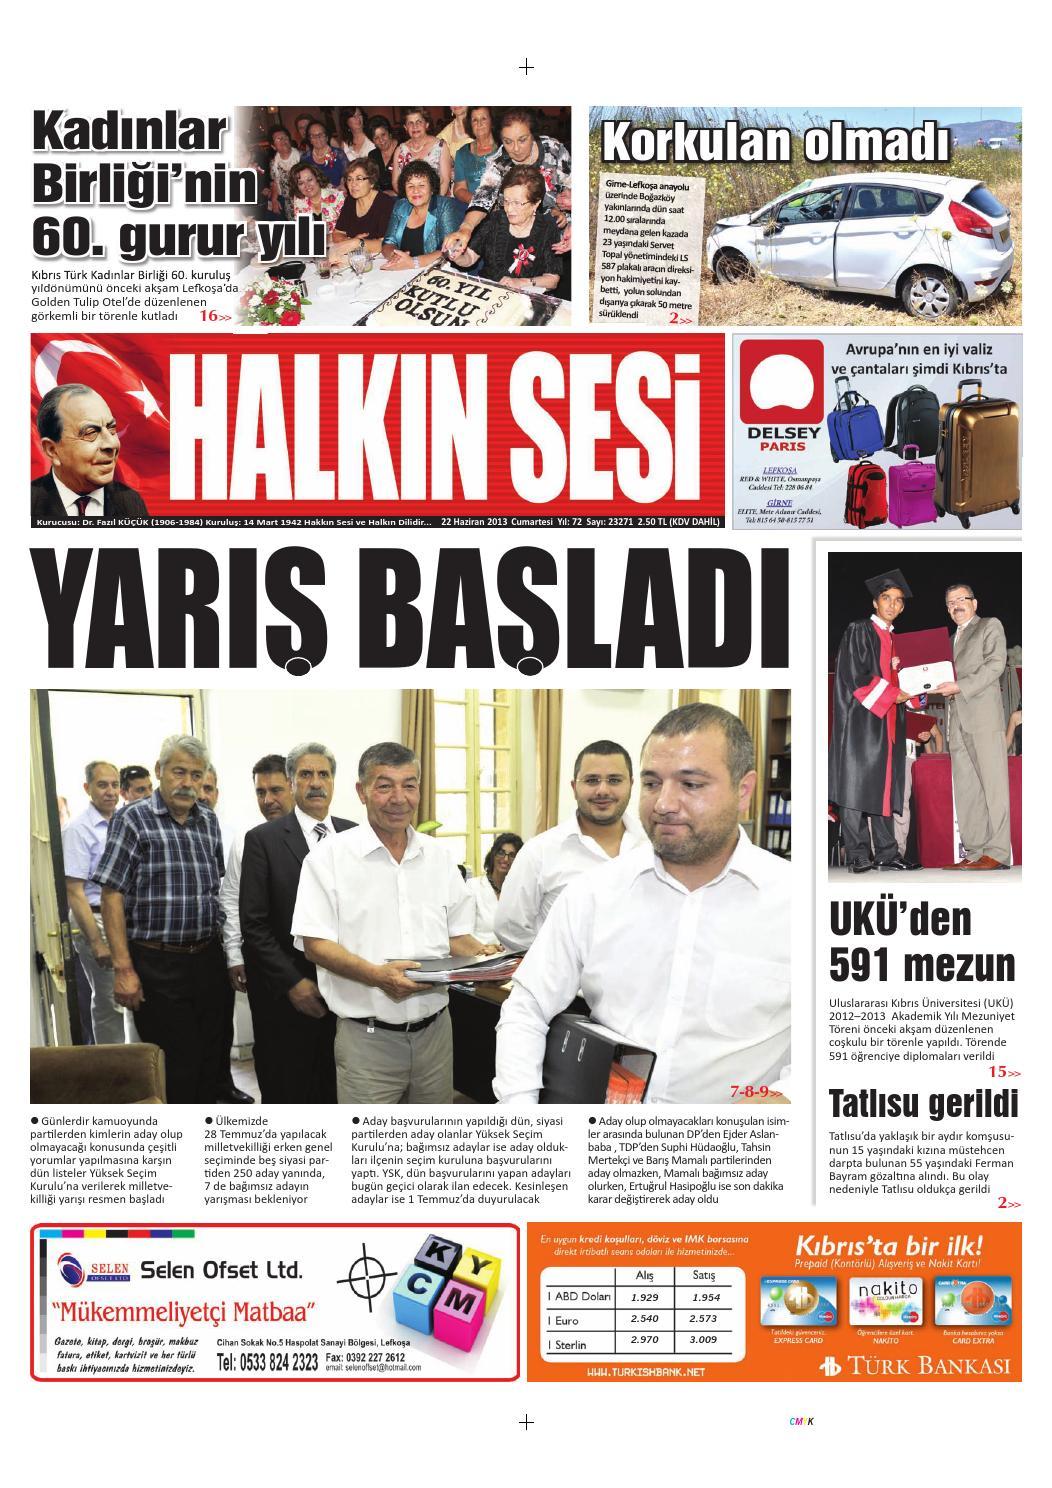 Zaman gazetesi Romanya bürosu çalışanı Demirkaya, Türkiyenin talebi üzerine gözaltına alındı 39